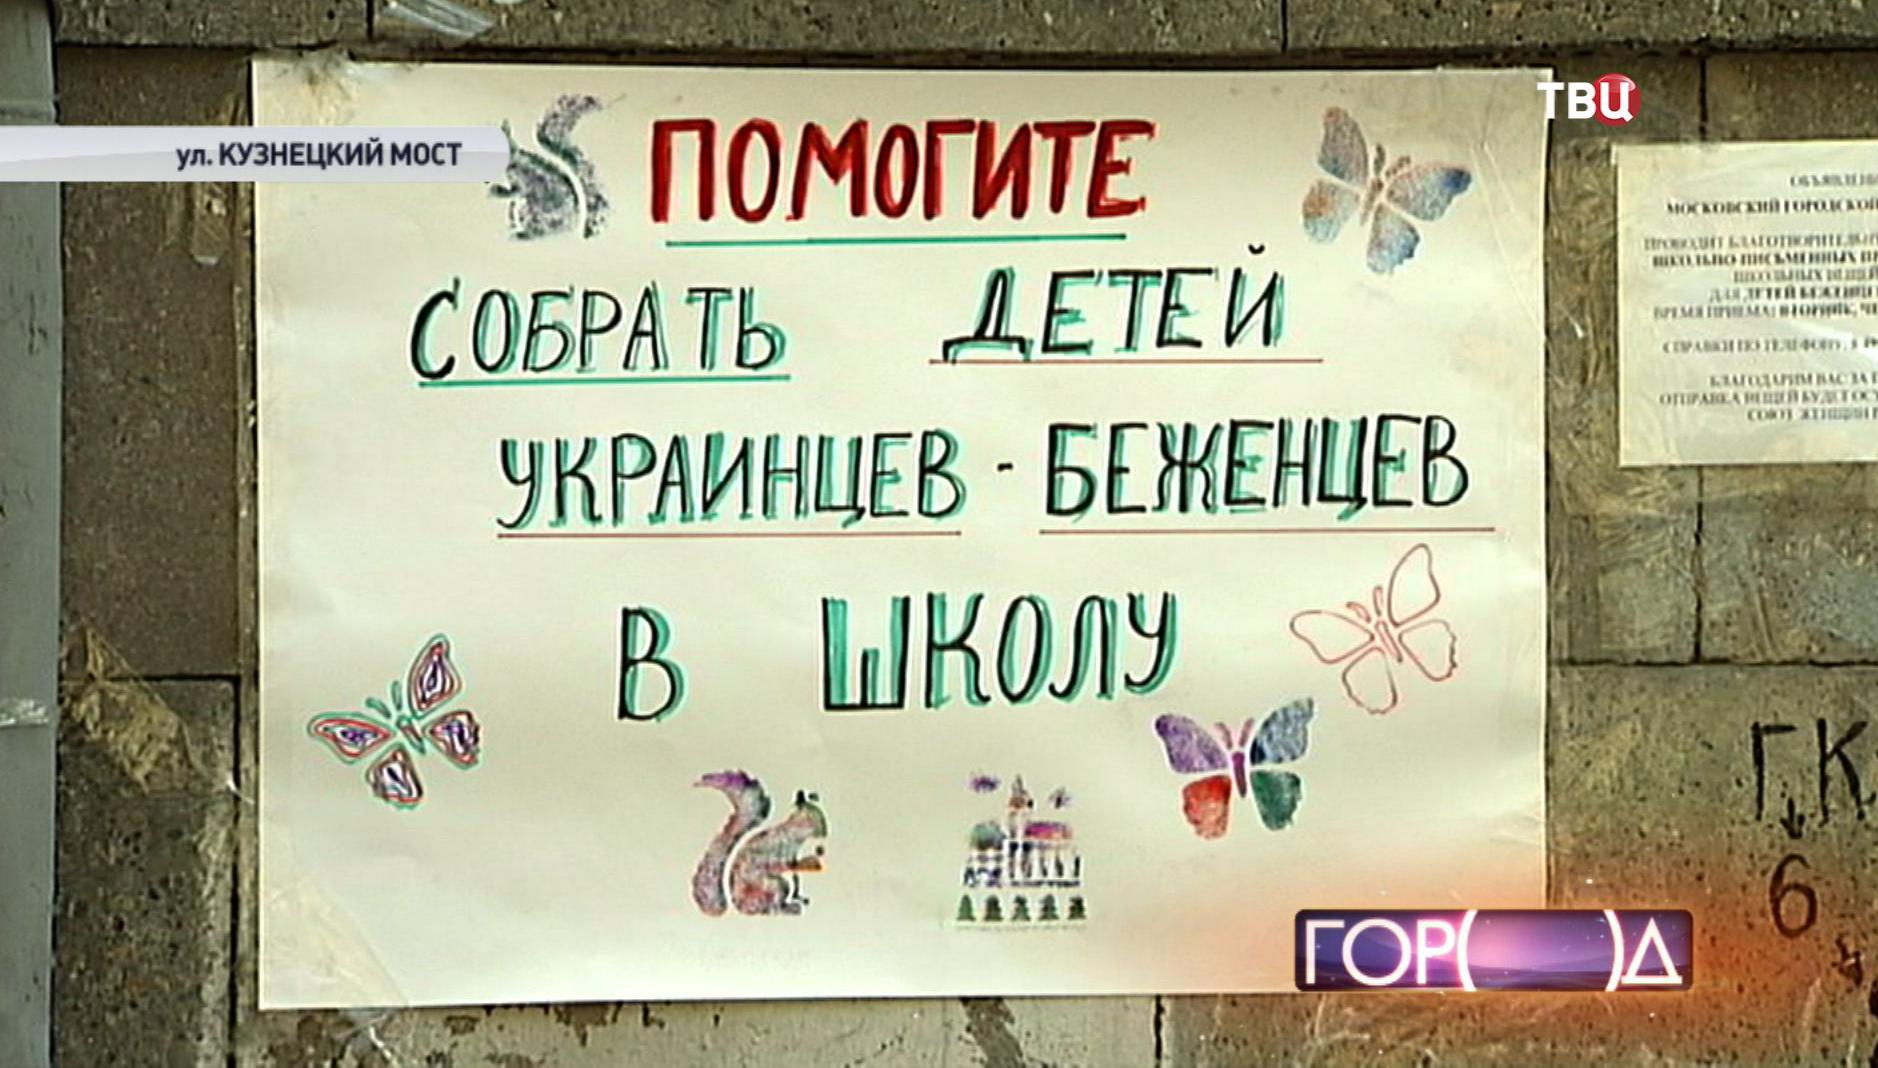 """Плакат """"Помогите собрать детей украинцев - беженцев в школу"""""""